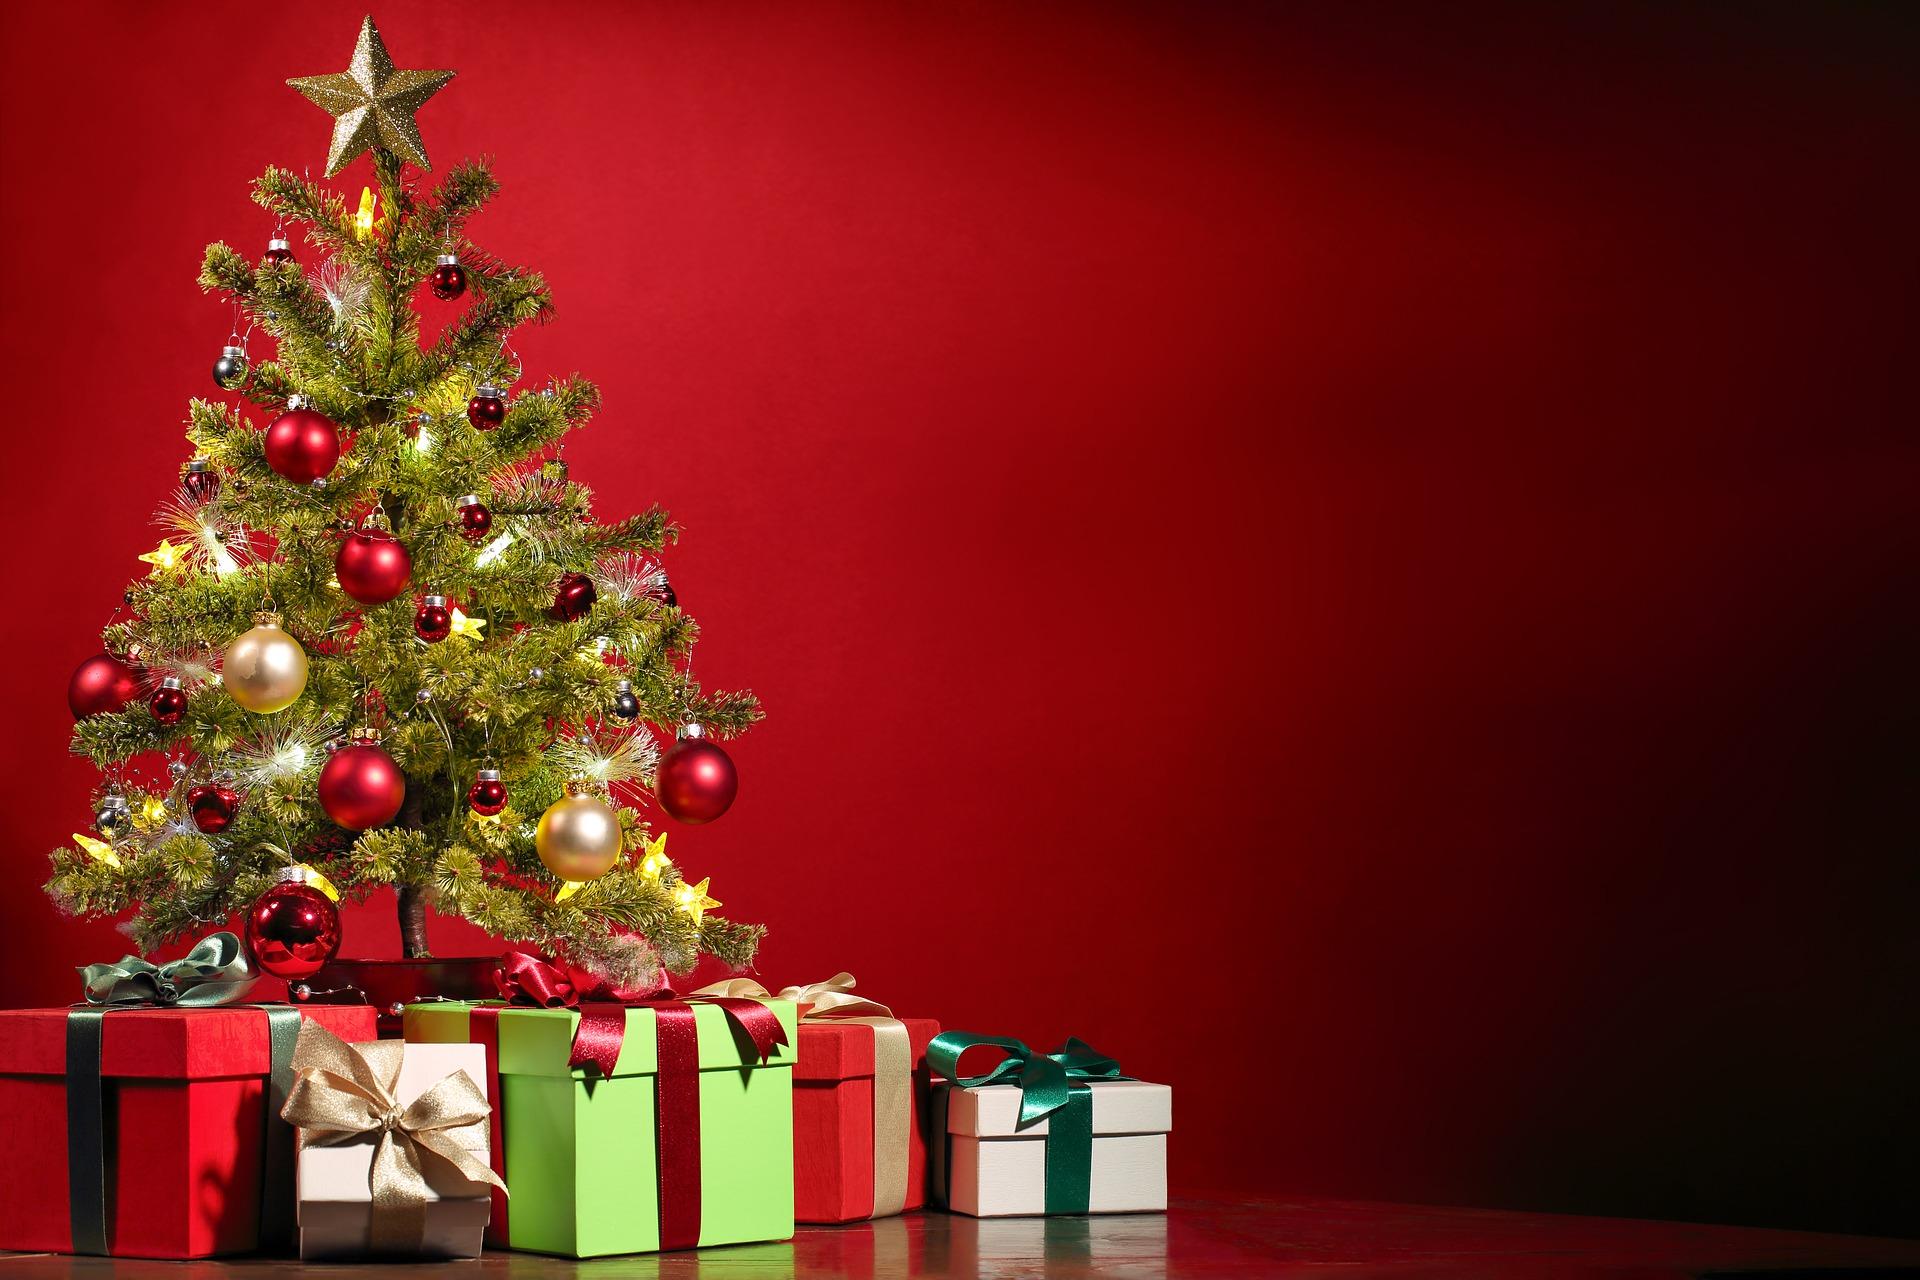 Різдво Новий рік